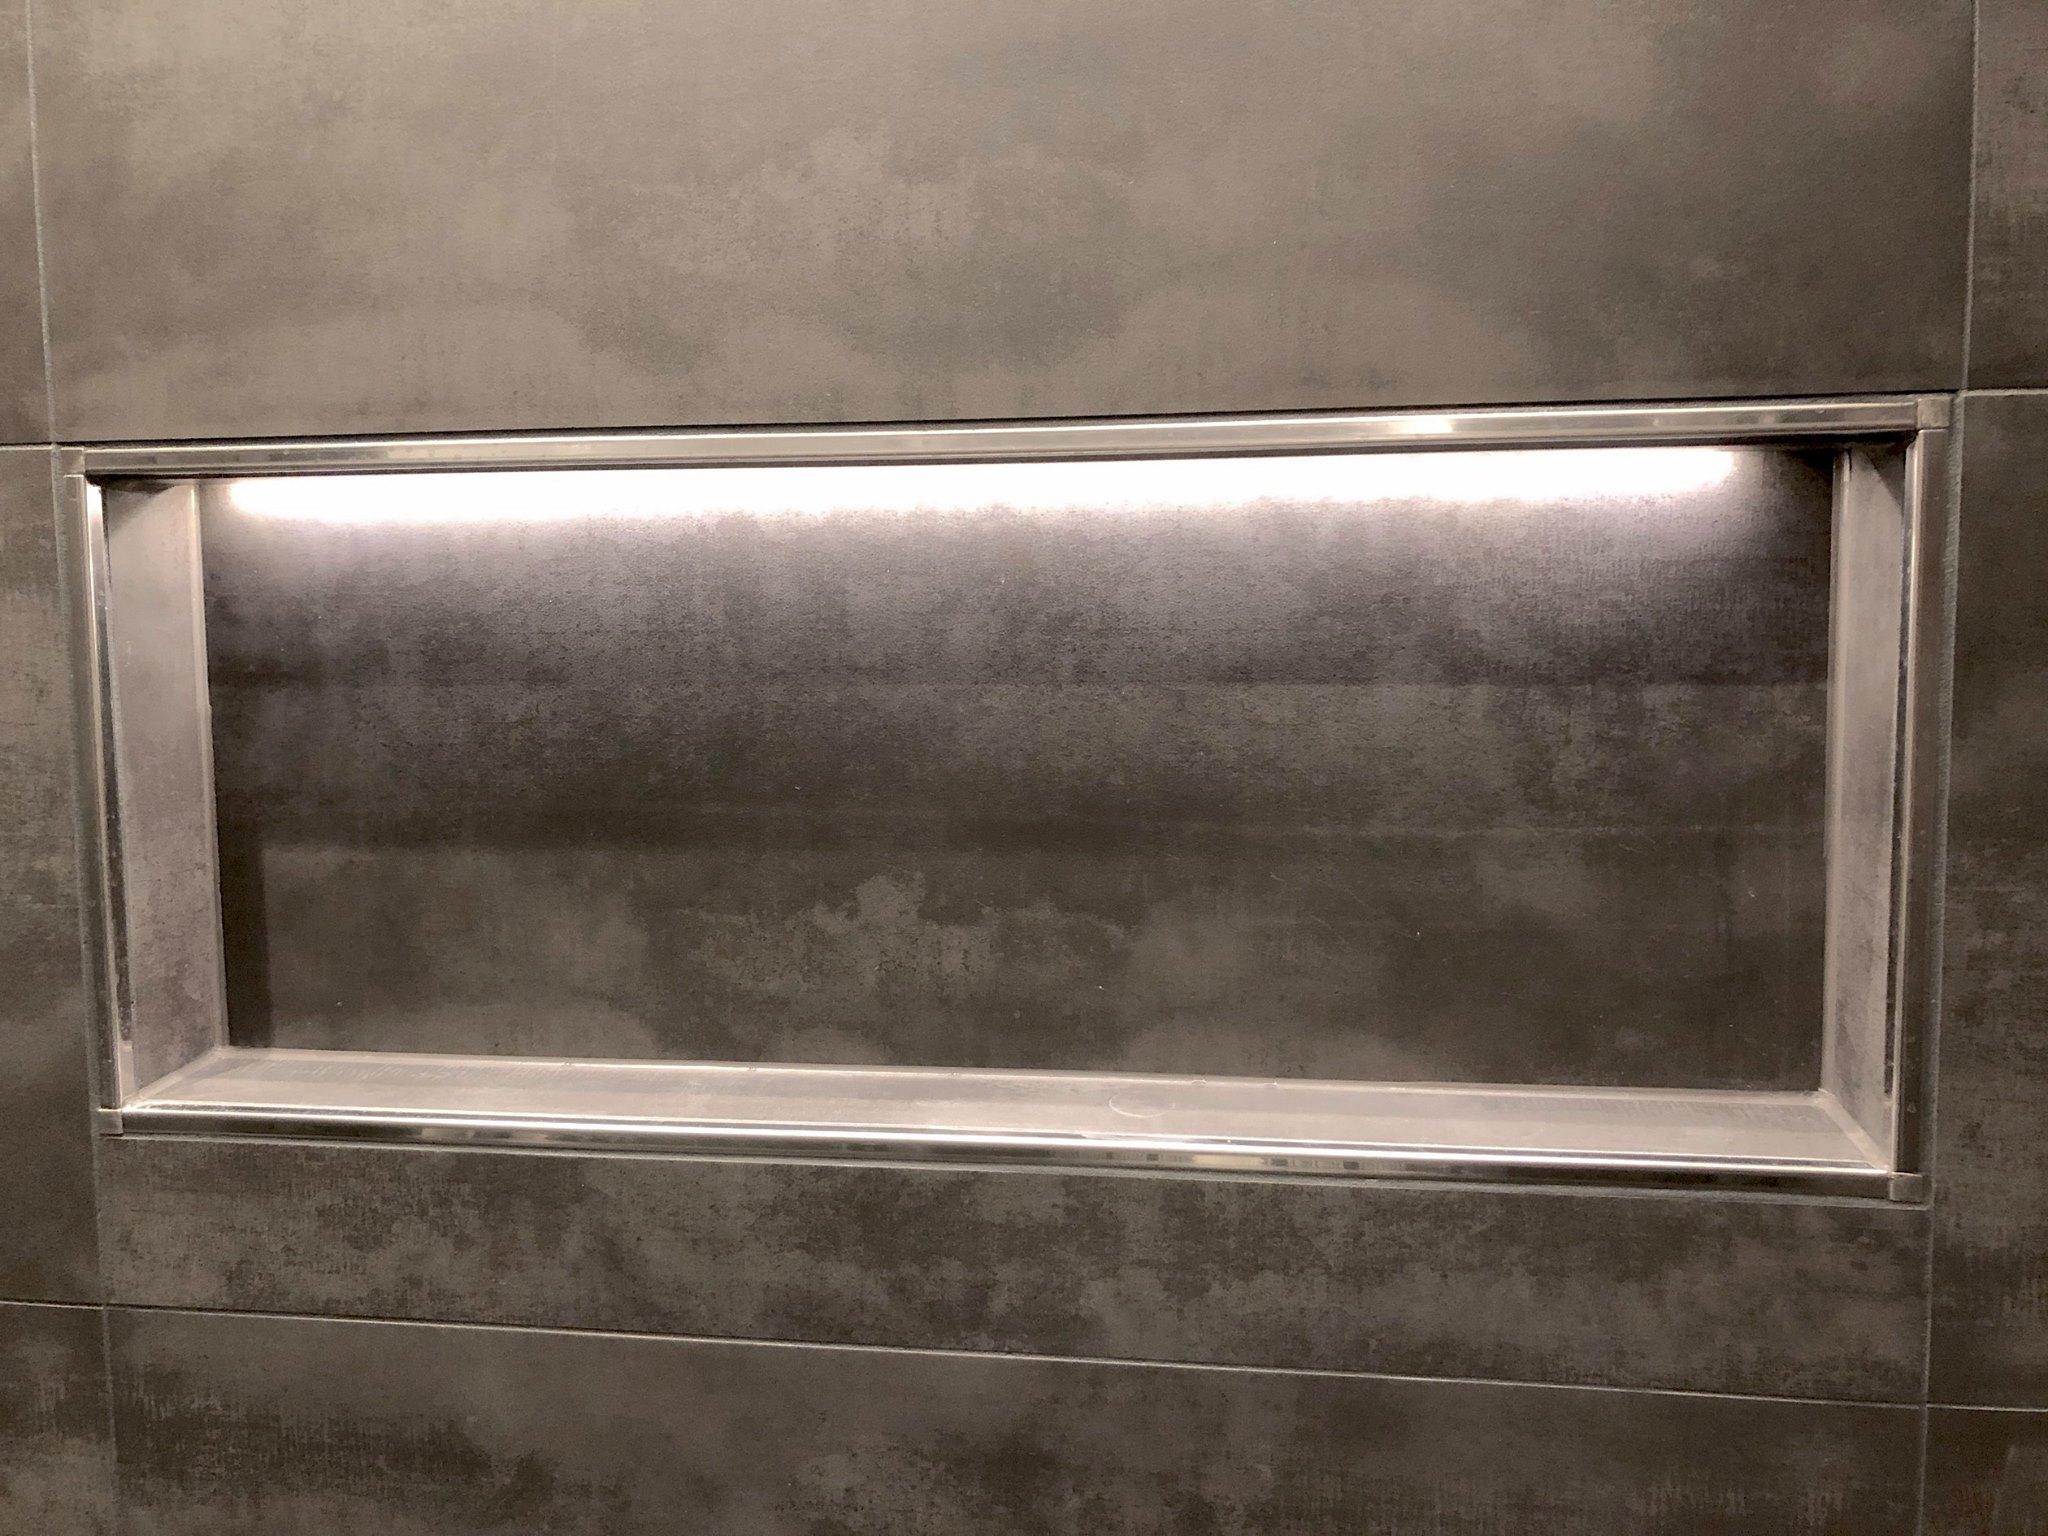 beleuchtete Stellfläche im Duschbereich